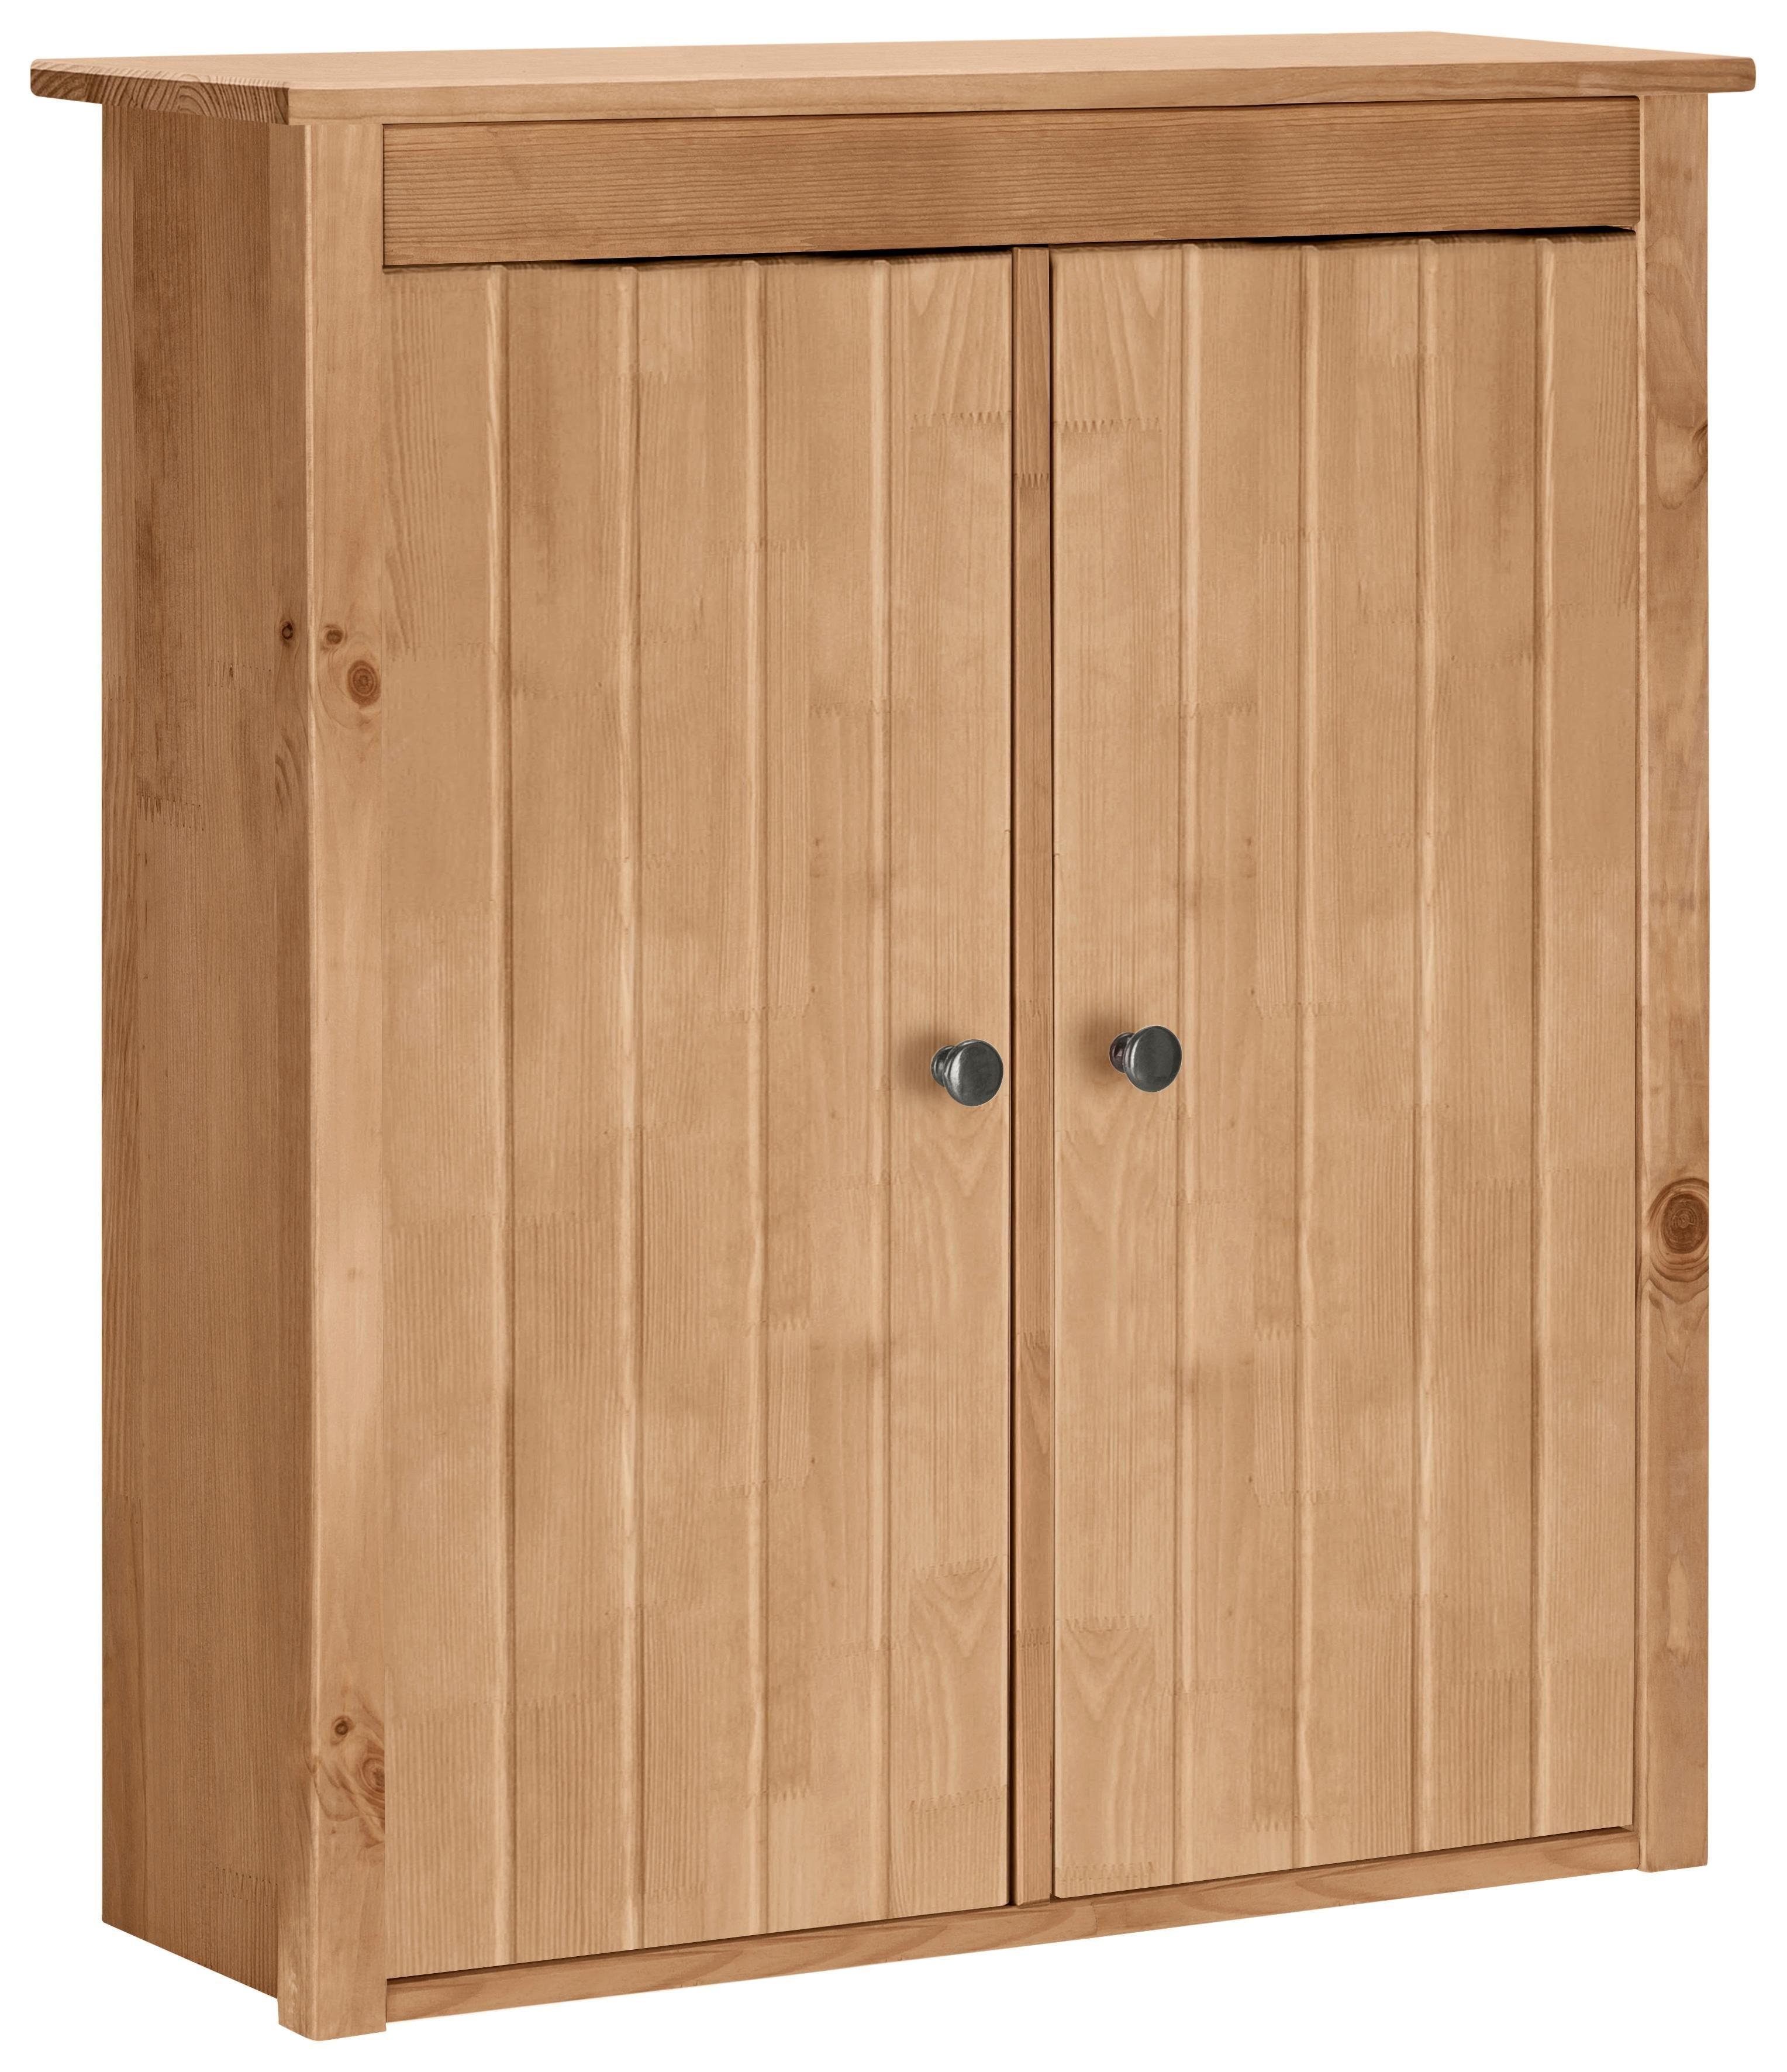 Home affaire hangend kastje Westa Breedte 62 cm, badkamerkast van massief hout, grenenhout, metalen grepen, 2 deuren, veel bergruimte nu online kopen bij OTTO